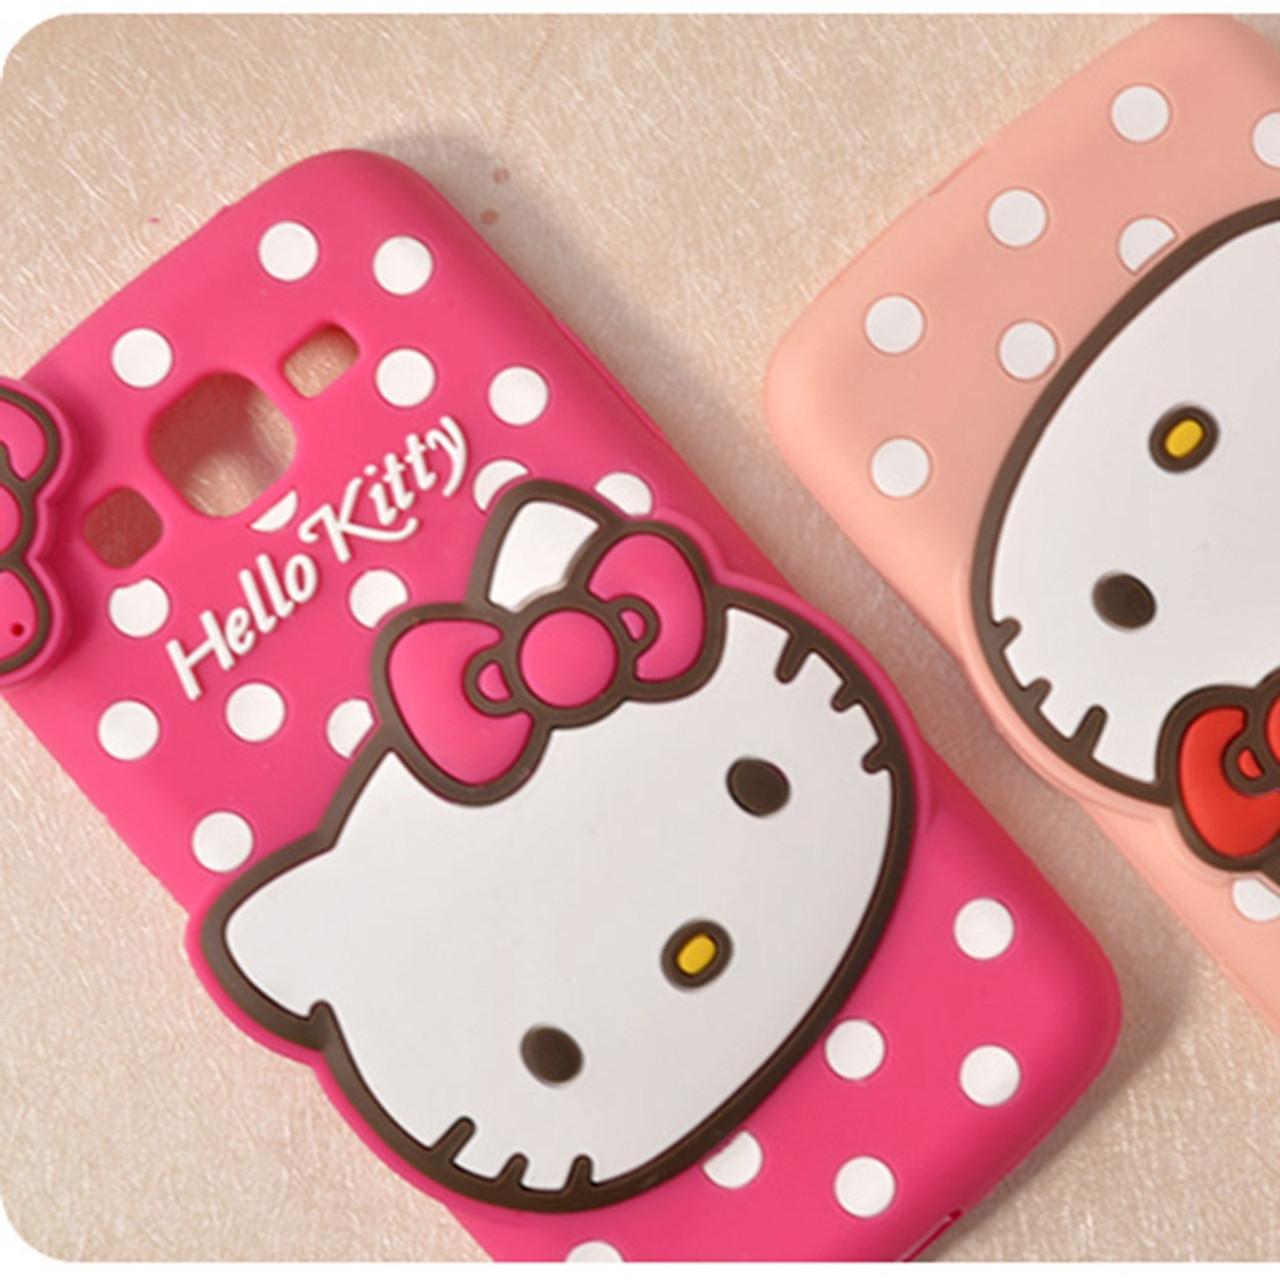 Luxury 3d Cute Cartoon Hello Kitty Women Phone Case Cover For Samsung Galaxy A5 A7 A8 A9 J1 J2 J3 J5 J7 2015 2016 J510 J710 Onshopdeals Com